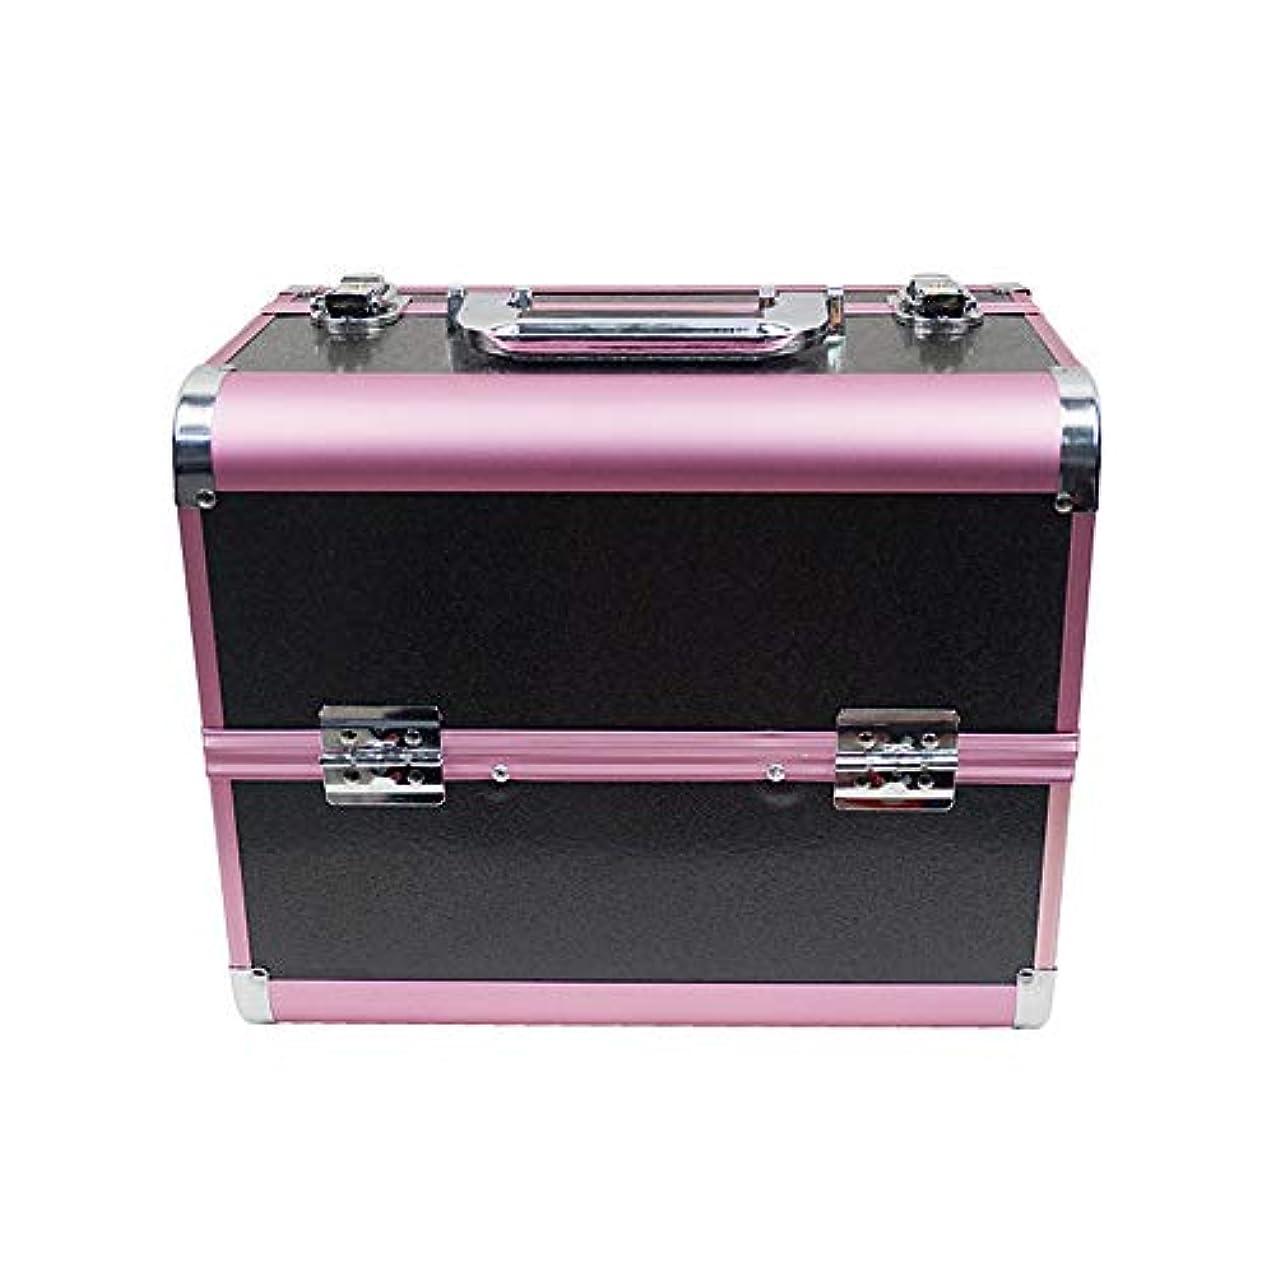 シャー行う貫通する化粧オーガナイザーバッグ 大容量ポータブル化粧ケース(トラベルアクセサリー用)シャンプーボディウォッシュパーソナルアイテム収納トレイ 化粧品ケース